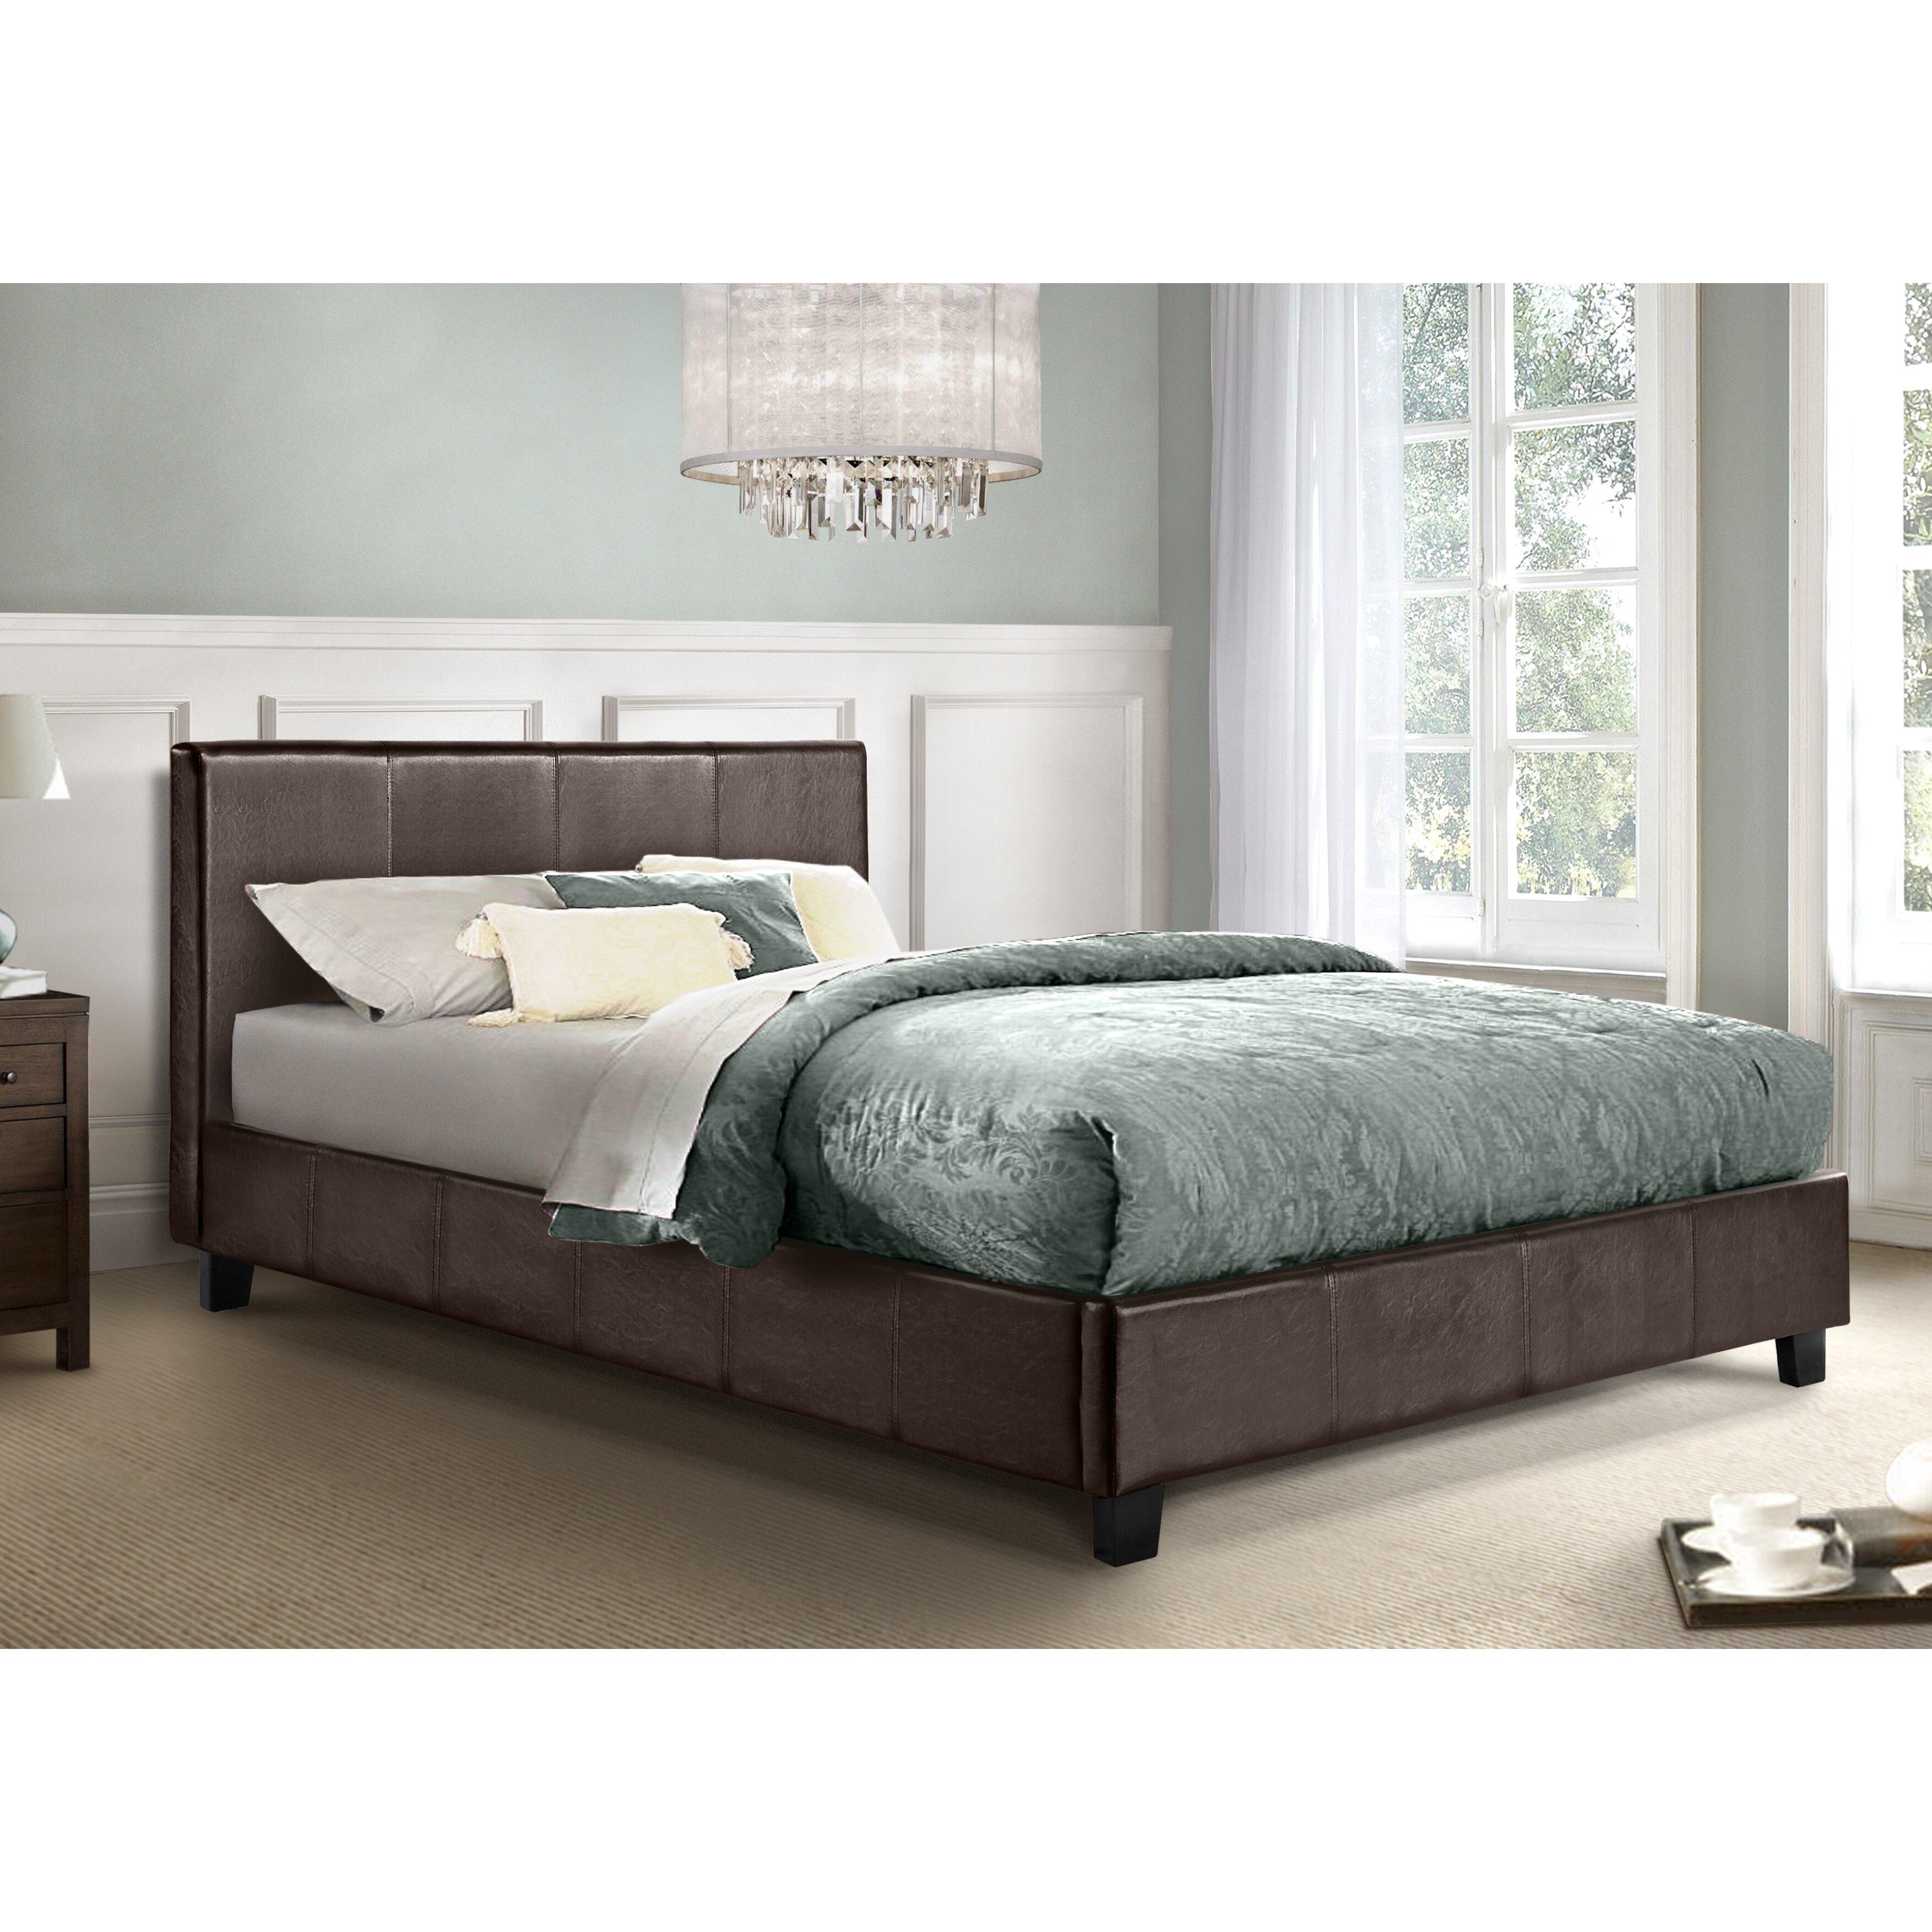 basic bed frame 28 images simple bed frame chocolate west elm basic bed frame day